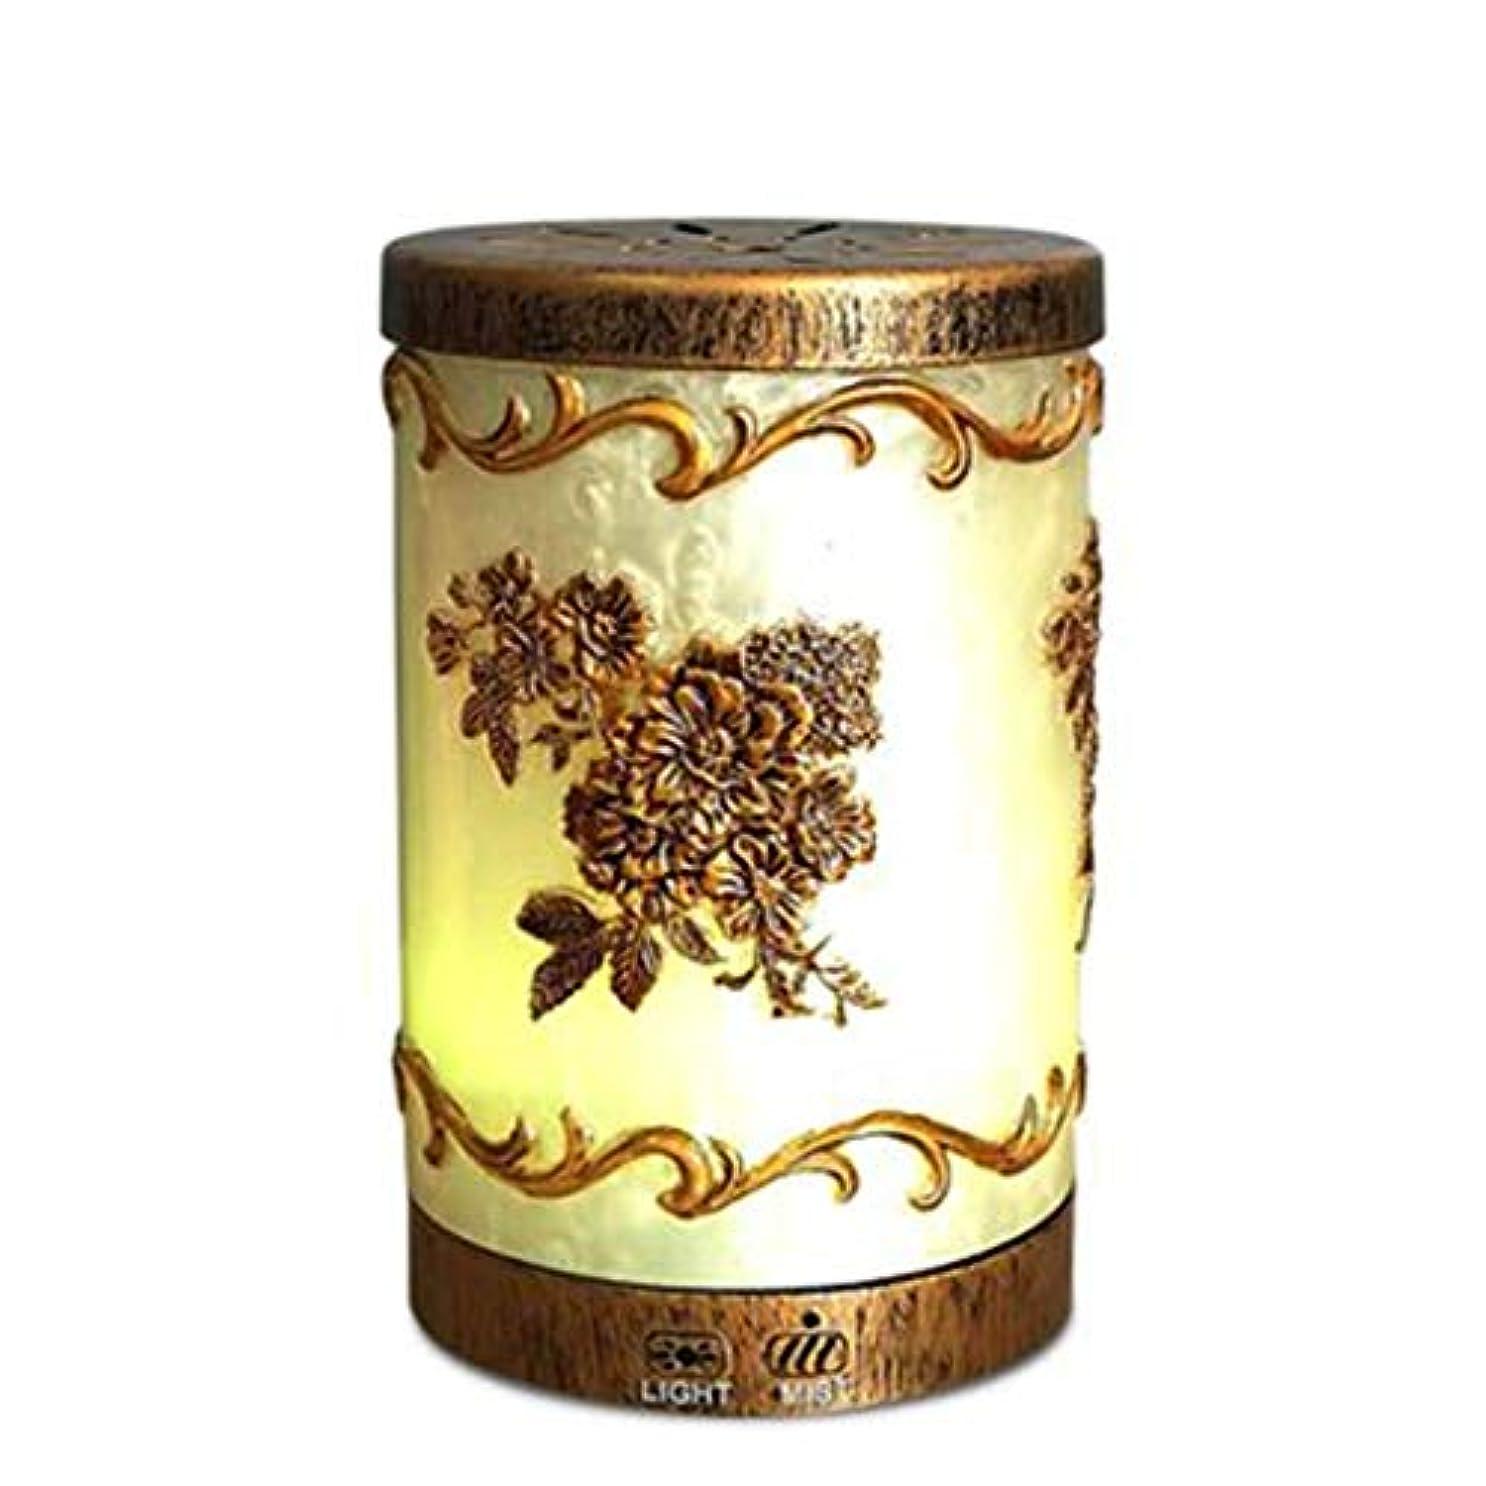 重さリネン蚊多彩な芳香ランプ、超音波機械、理性的な古典的な浮彫りにされたパターン拡散器の器械 (Color : Natural)